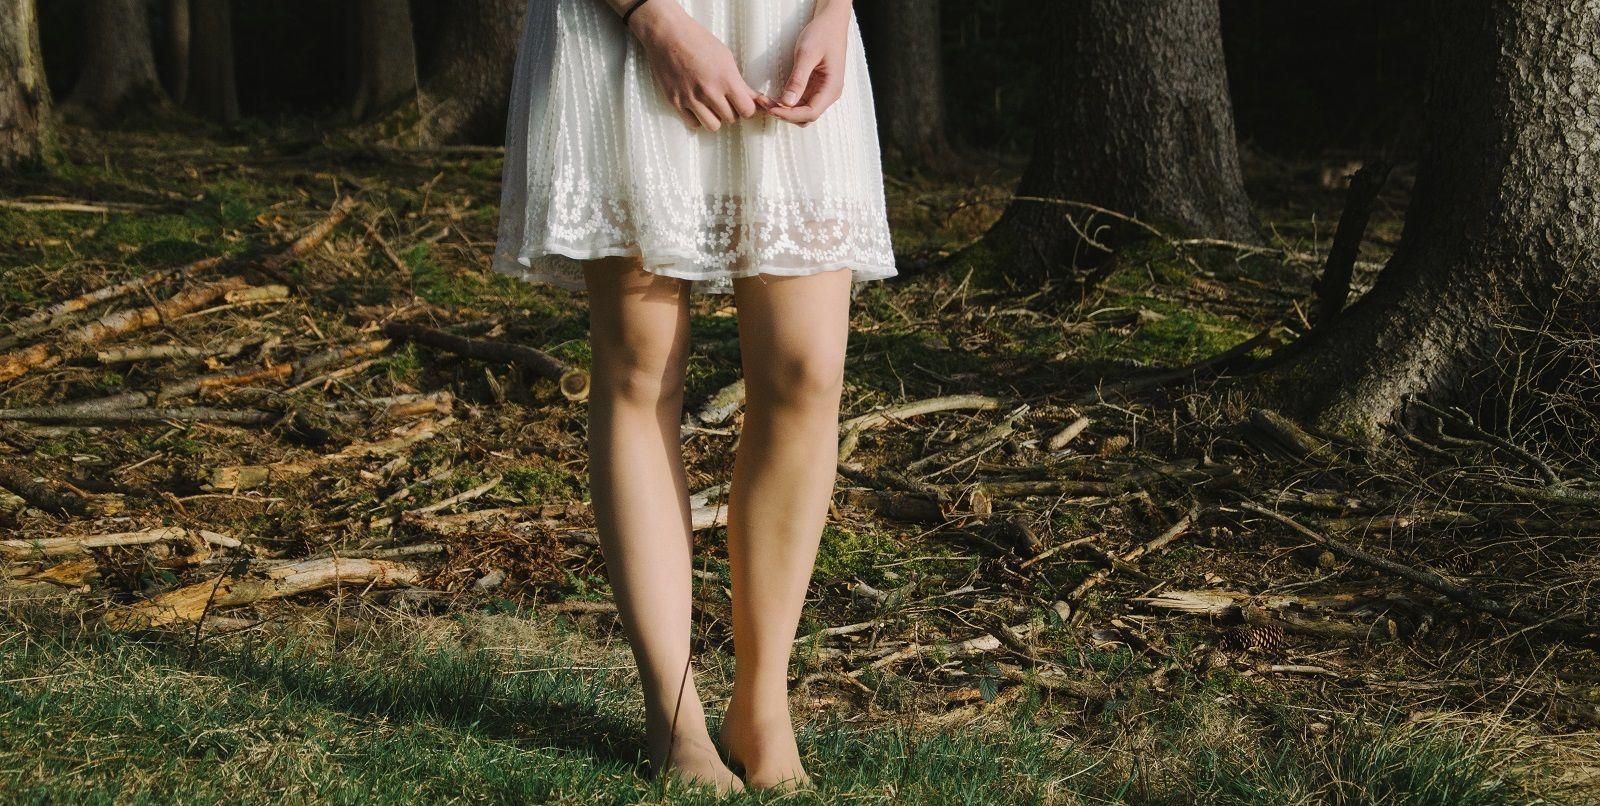 Cosa fare se la pelle delle gambe è secca e squamosa?